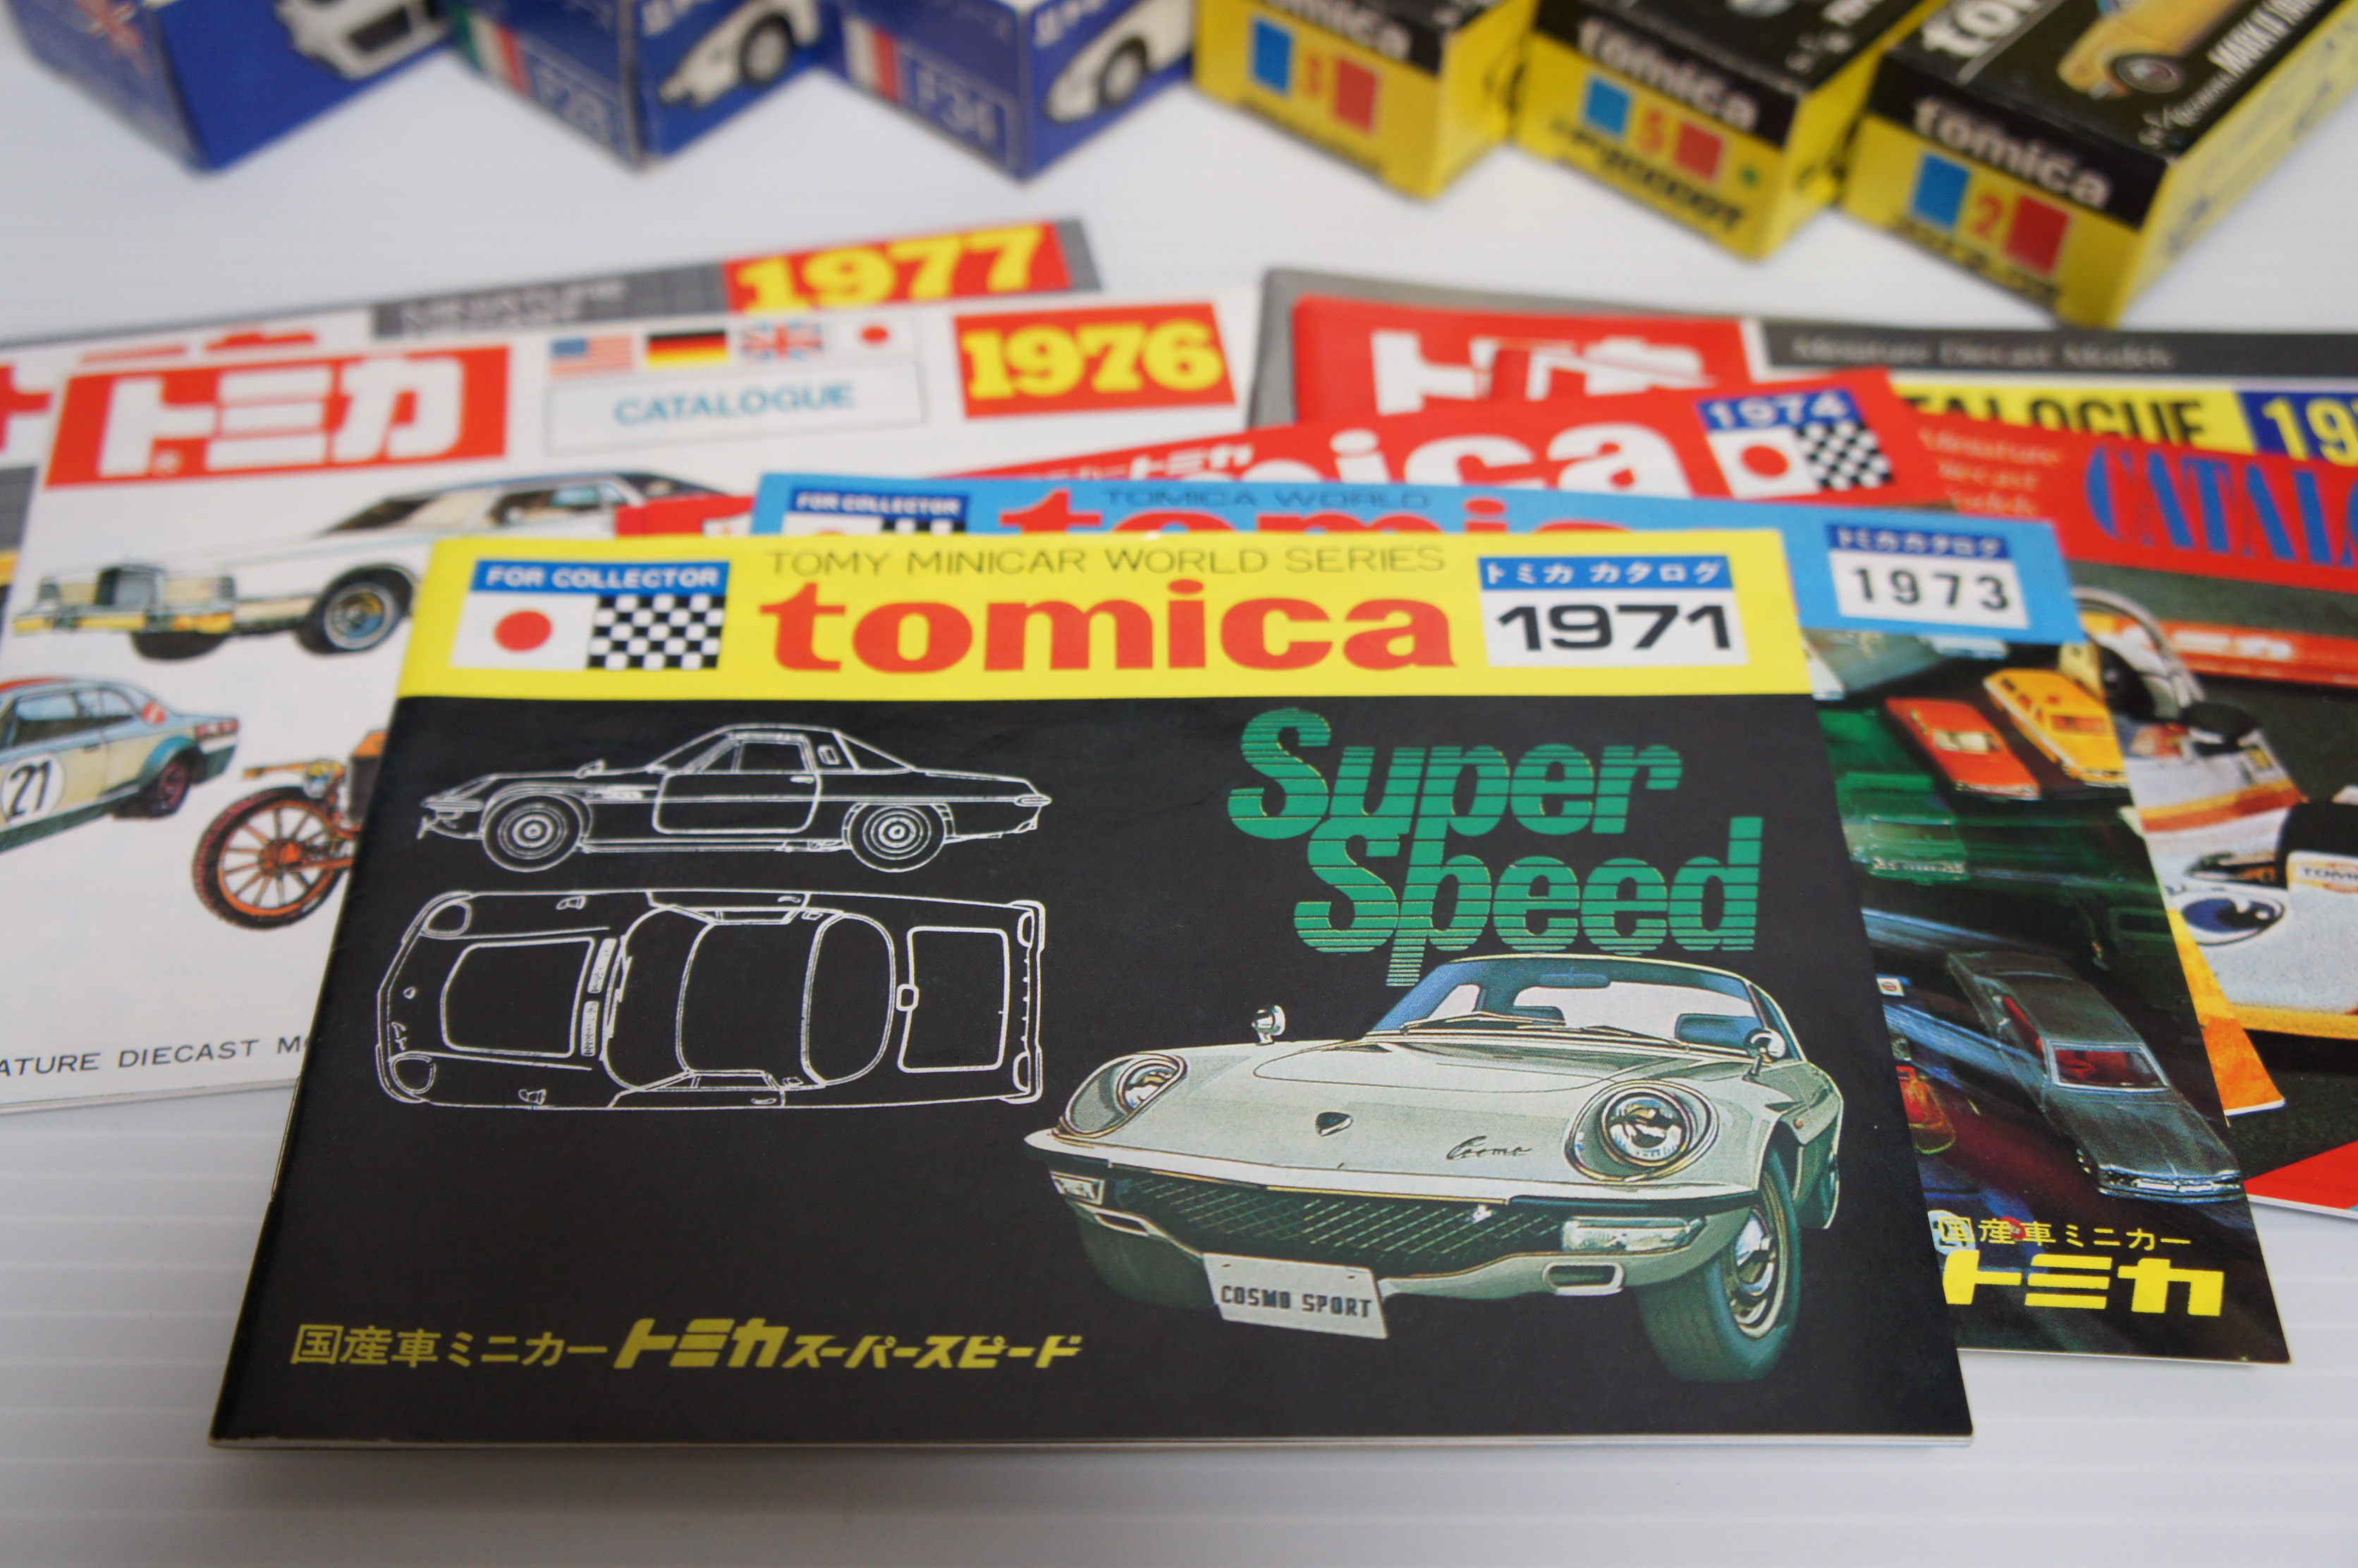 トミカのカタログ・パンフレット 1970 当時のもの